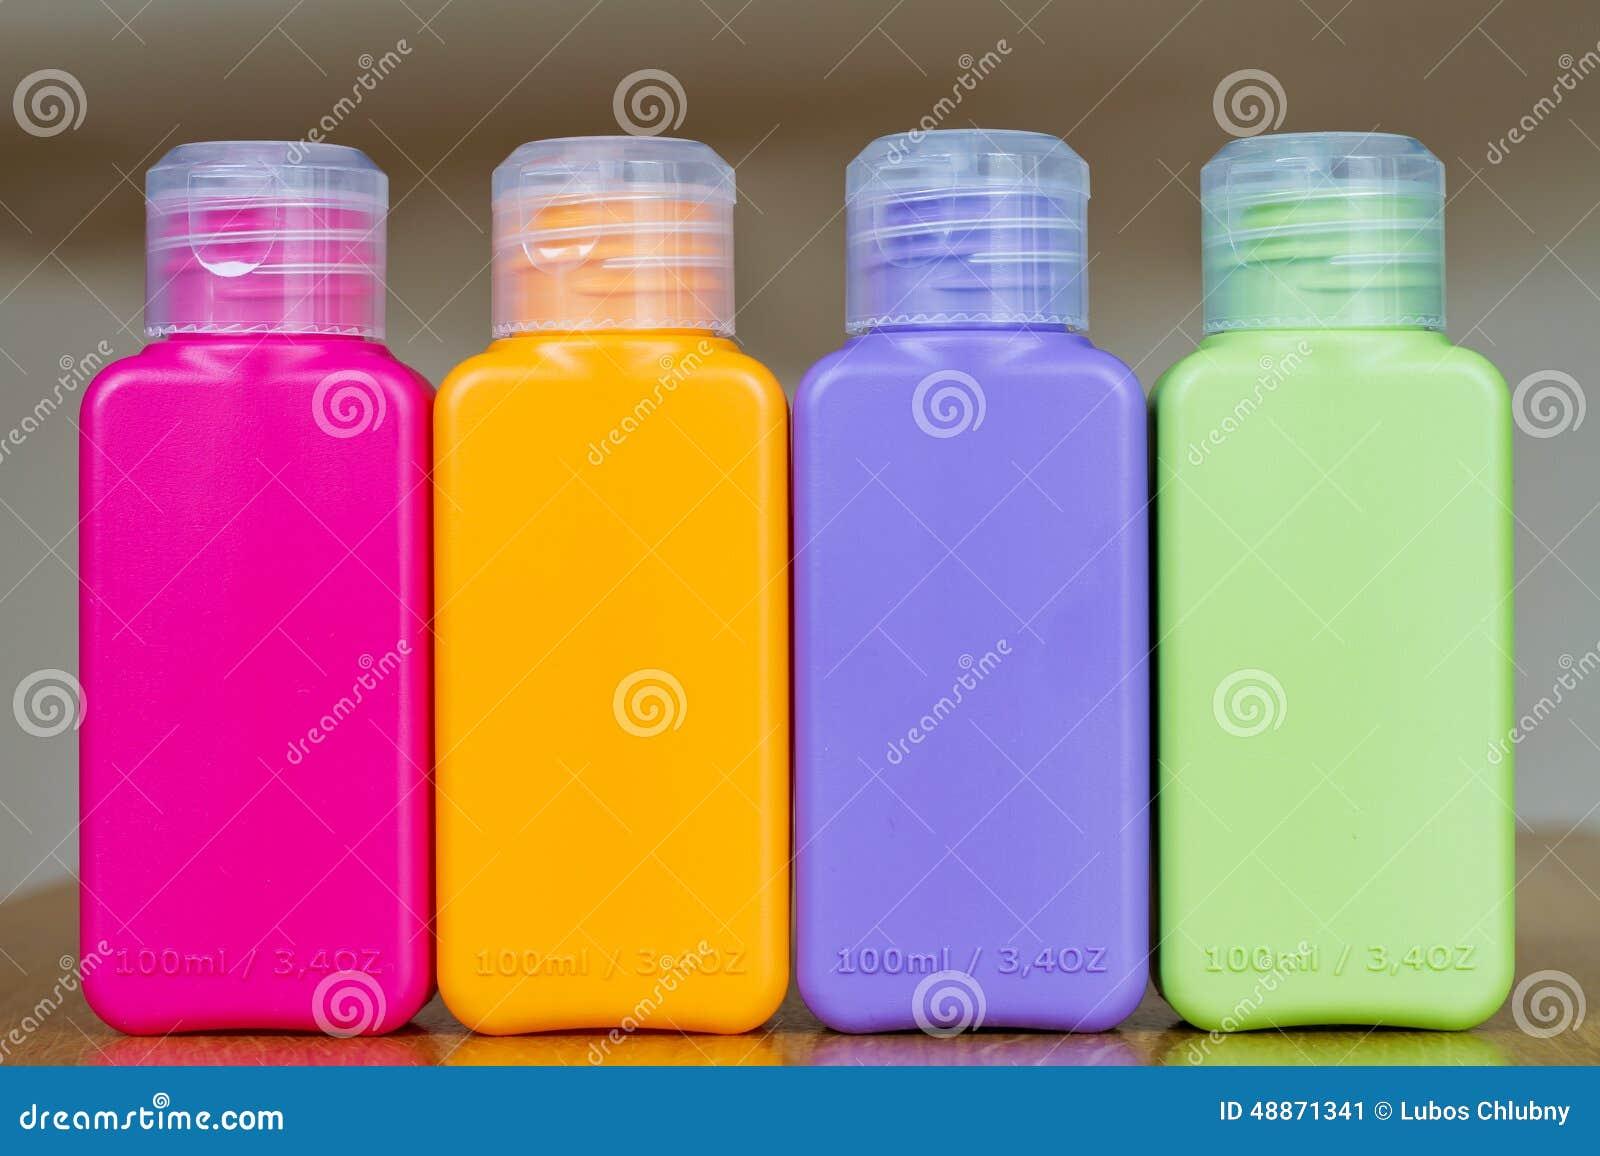 kleine farbige plastikflaschen stockfoto bild 48871341